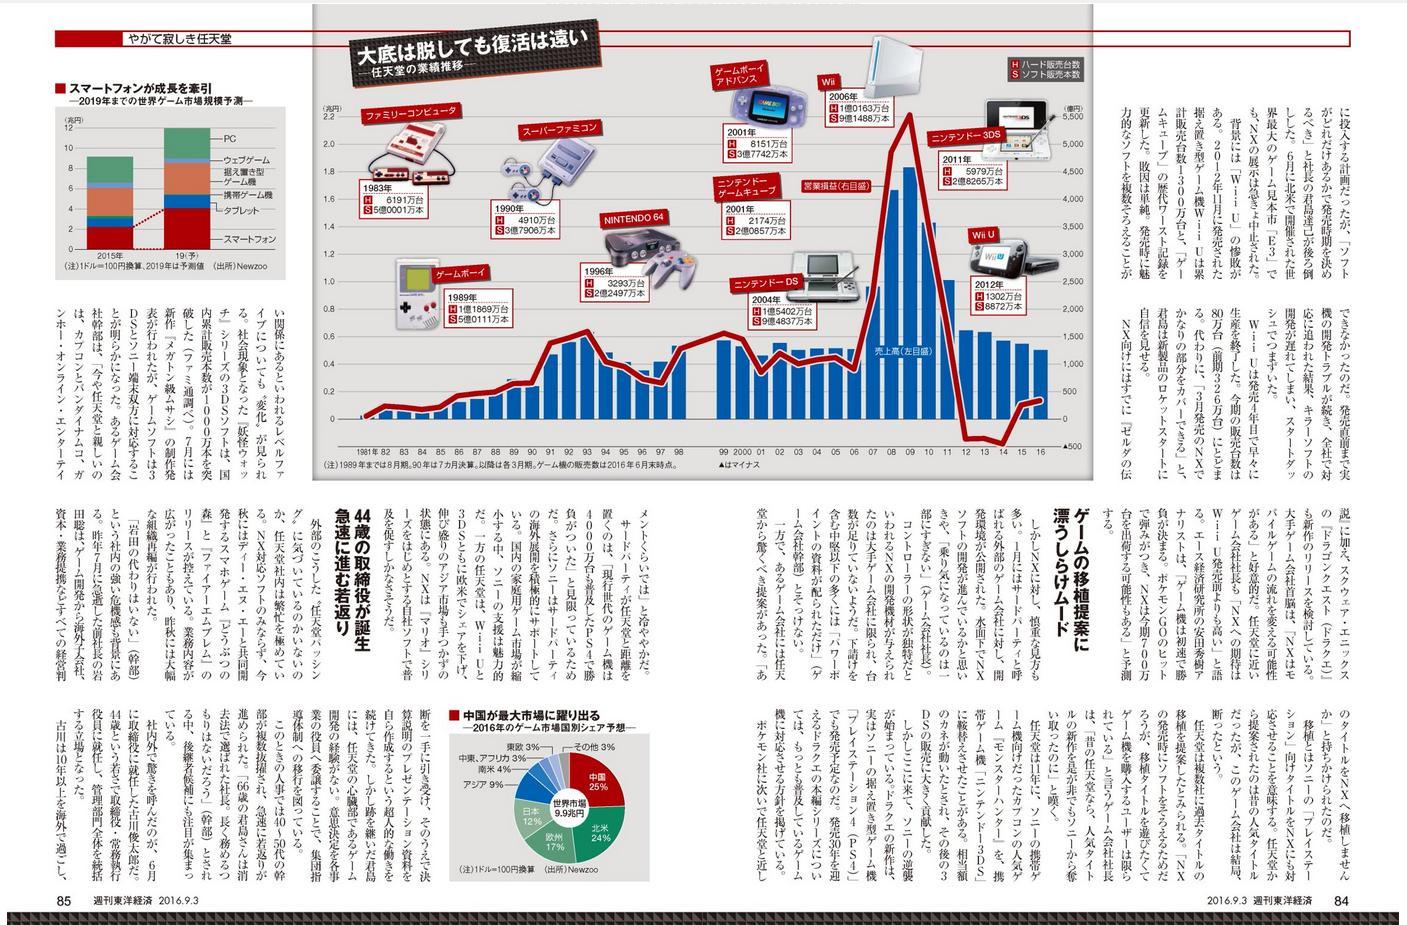 poikJkCsOeP1I - 東洋経済「nxにサードは全く乗り気ではない」